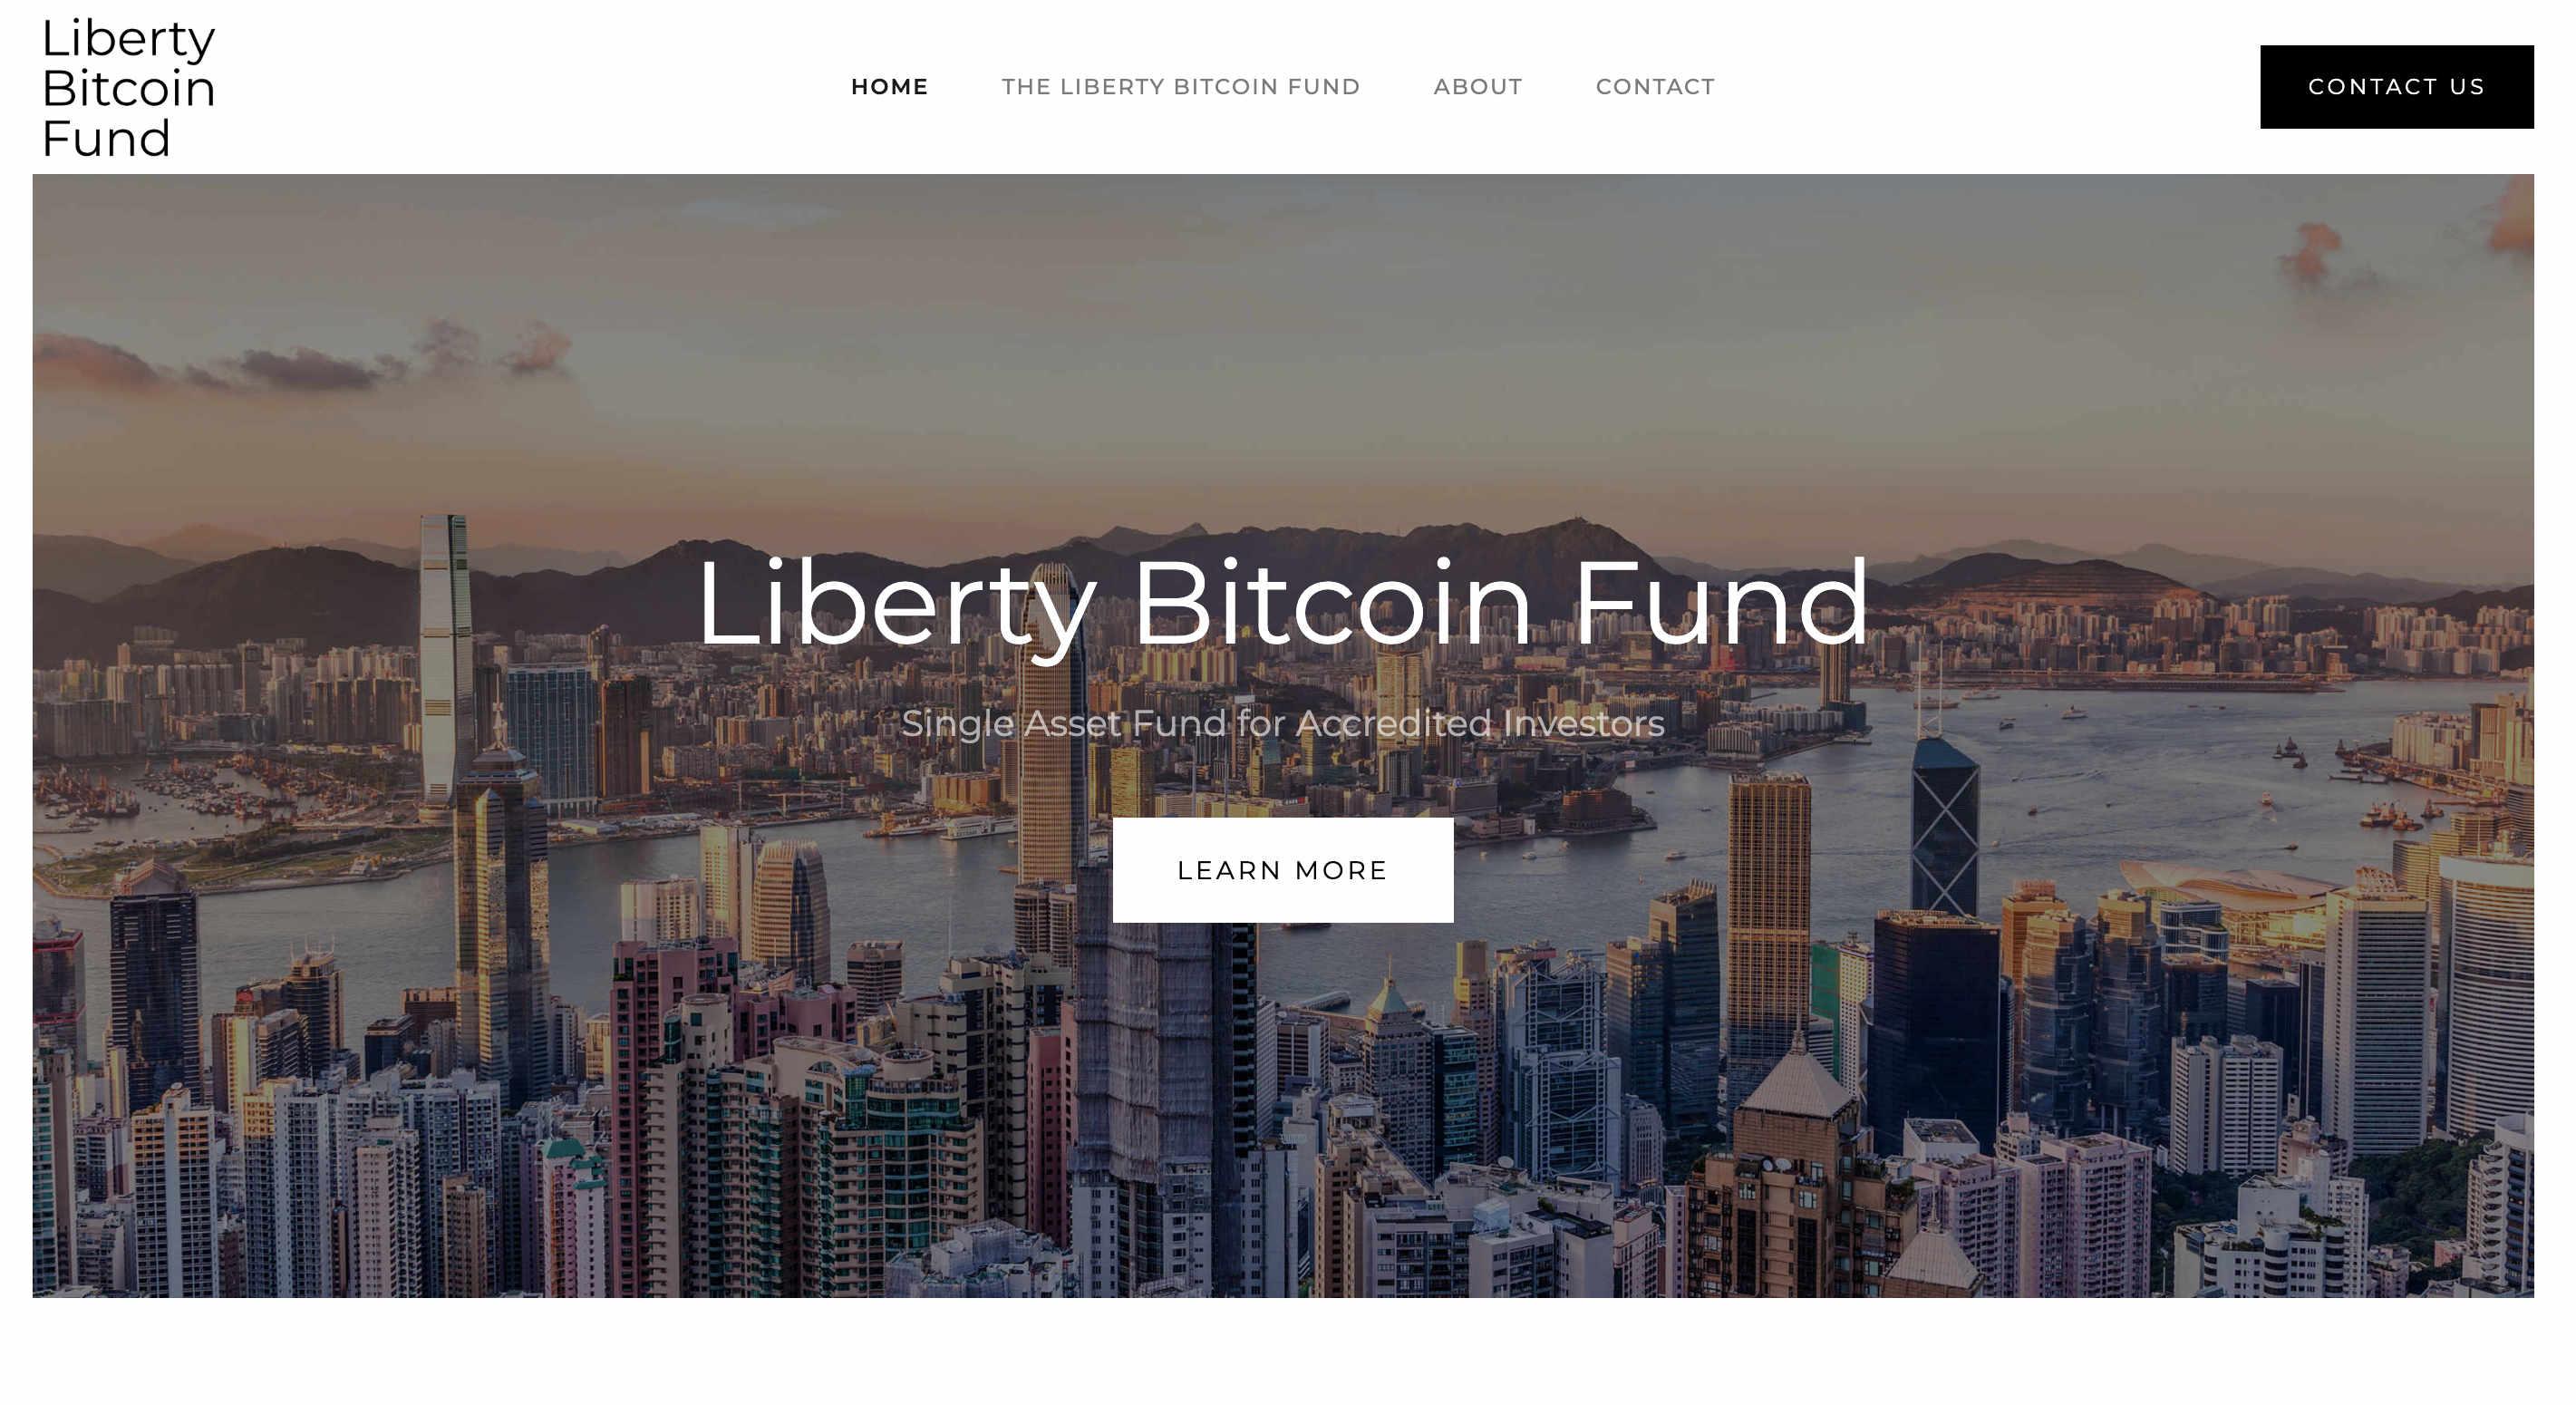 Miért Ron Paul bullish a Liberty és a Bitcoin